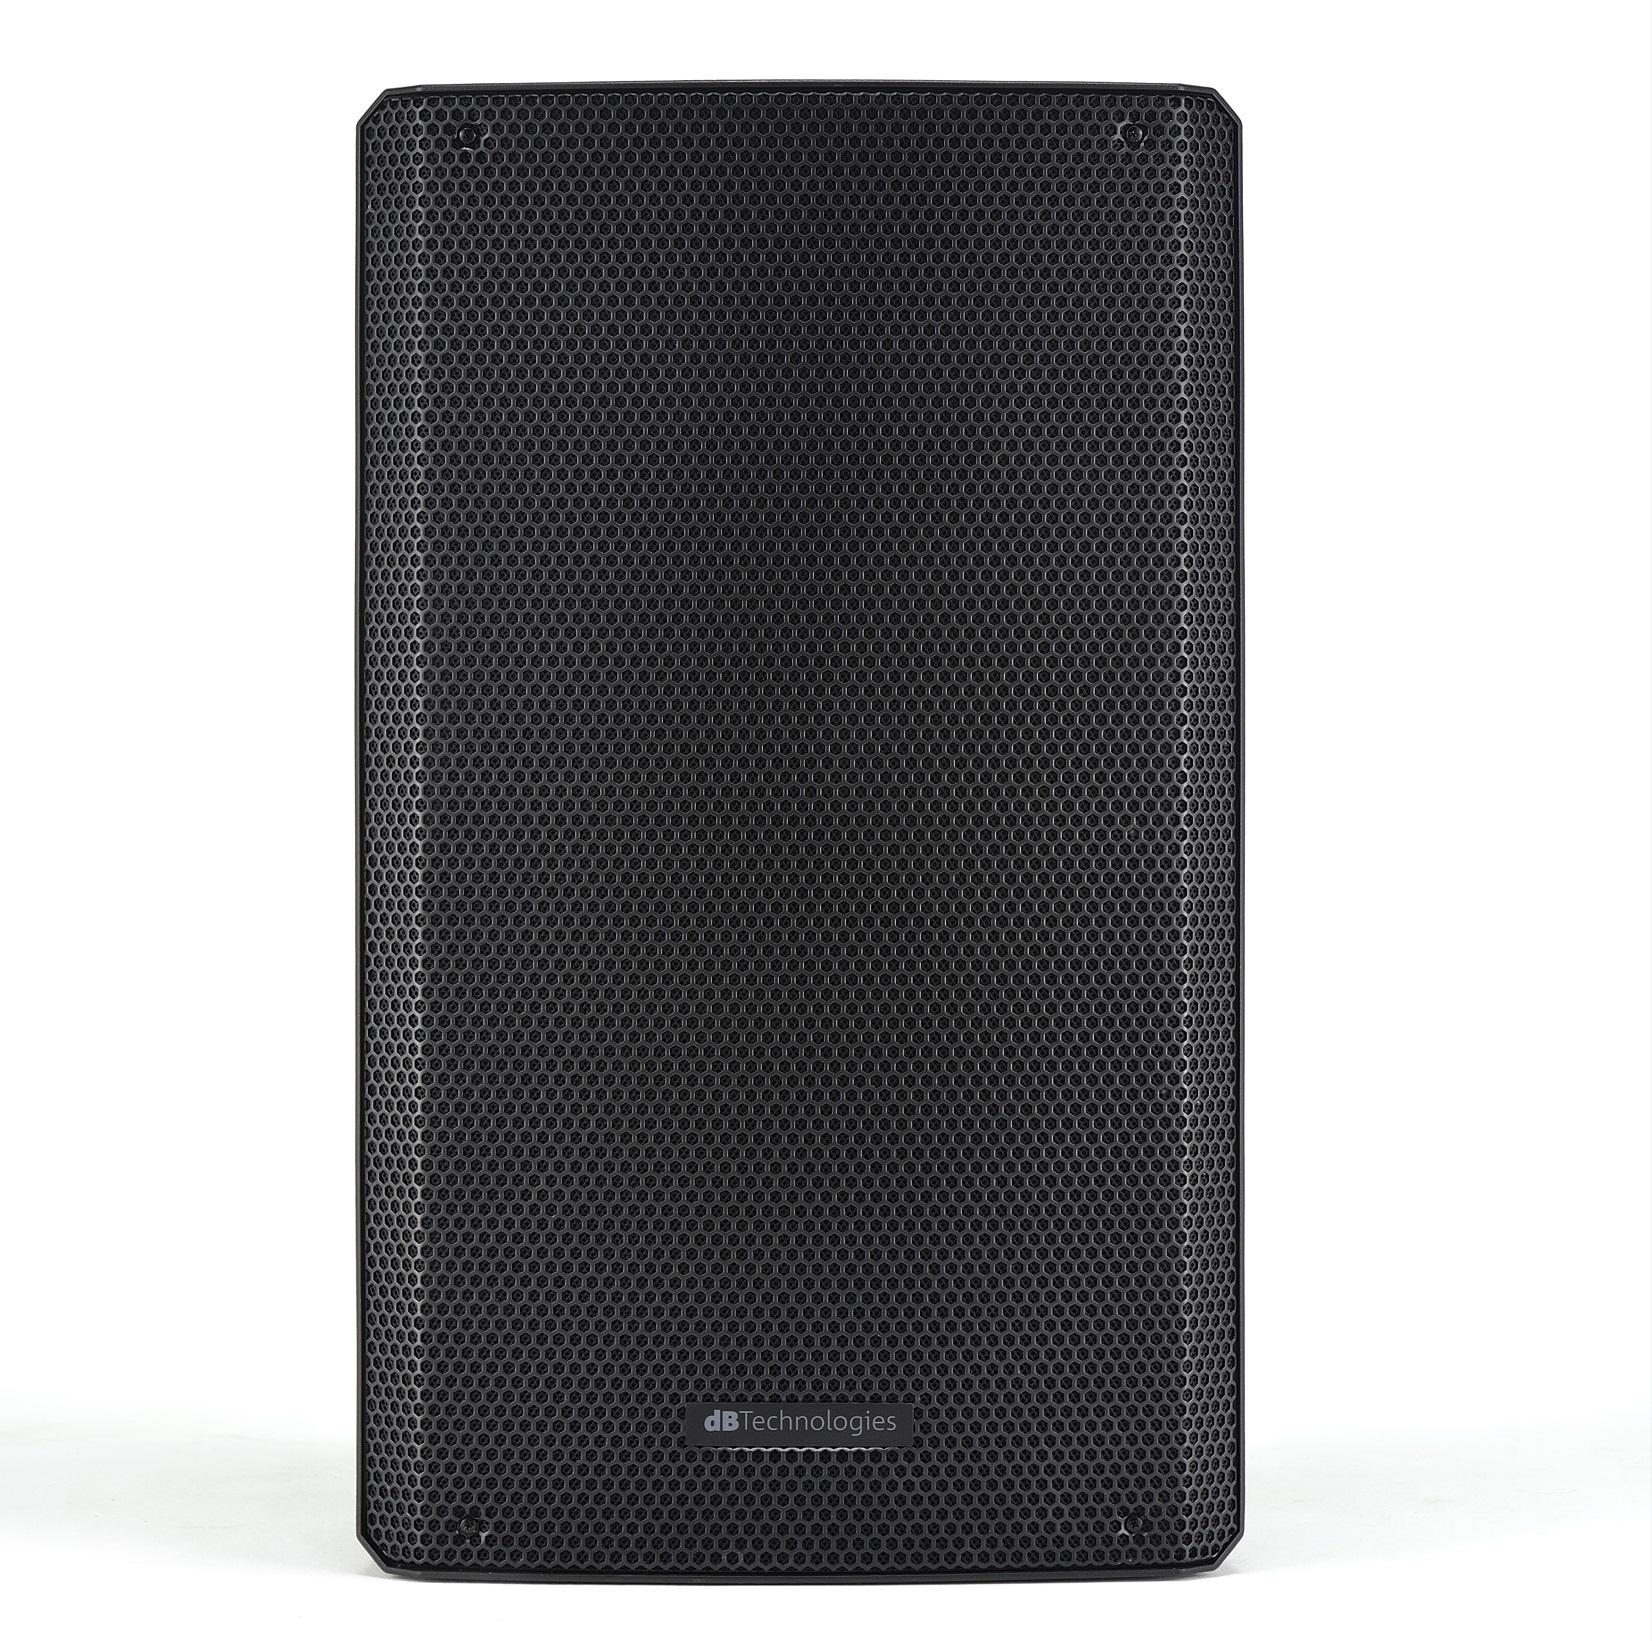 Активная акустическая система dB Technologies KL 15